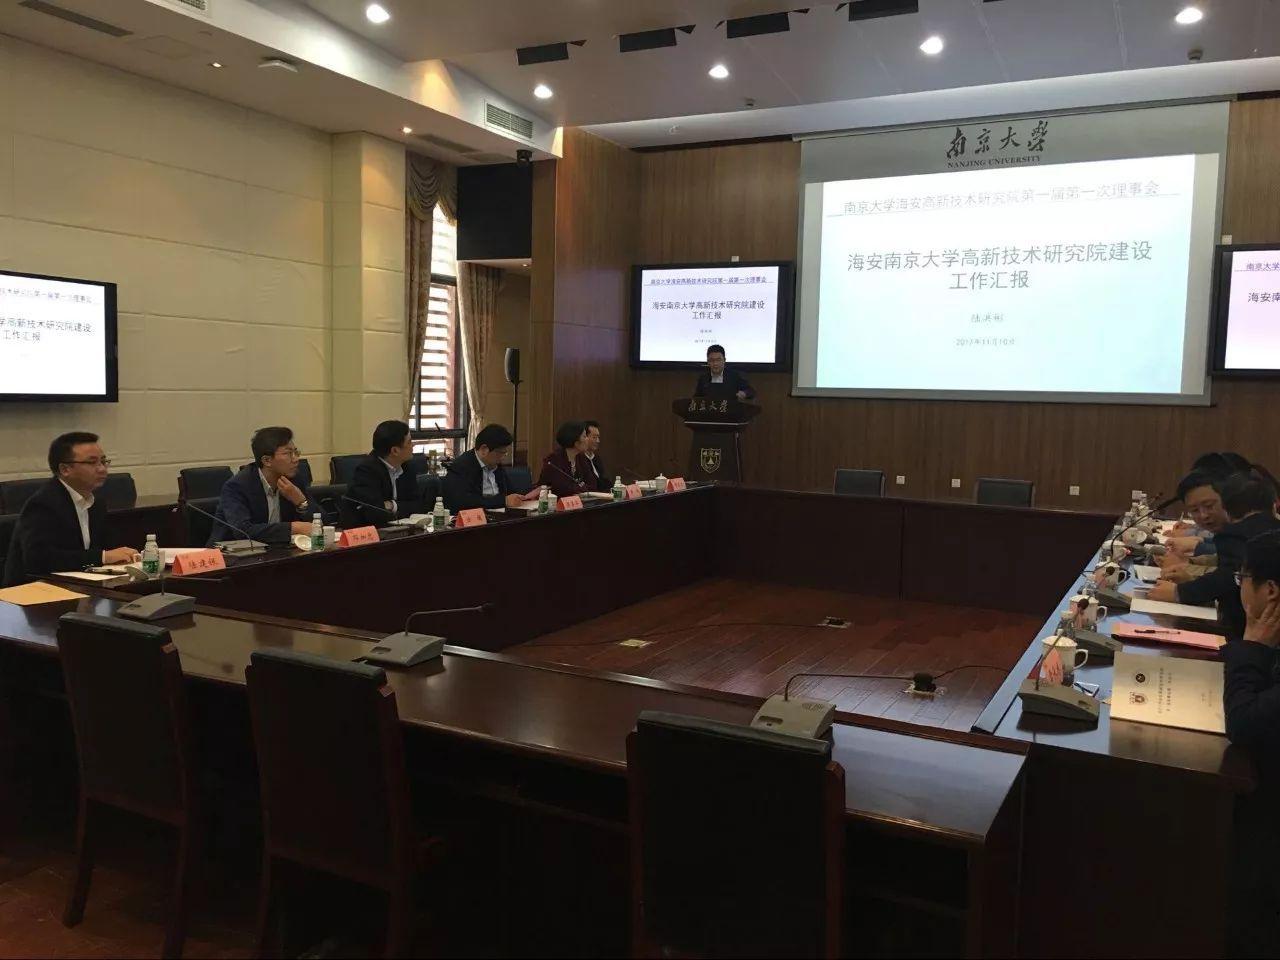 南京大学海安高新技术研究院二期建设签约仪式举行